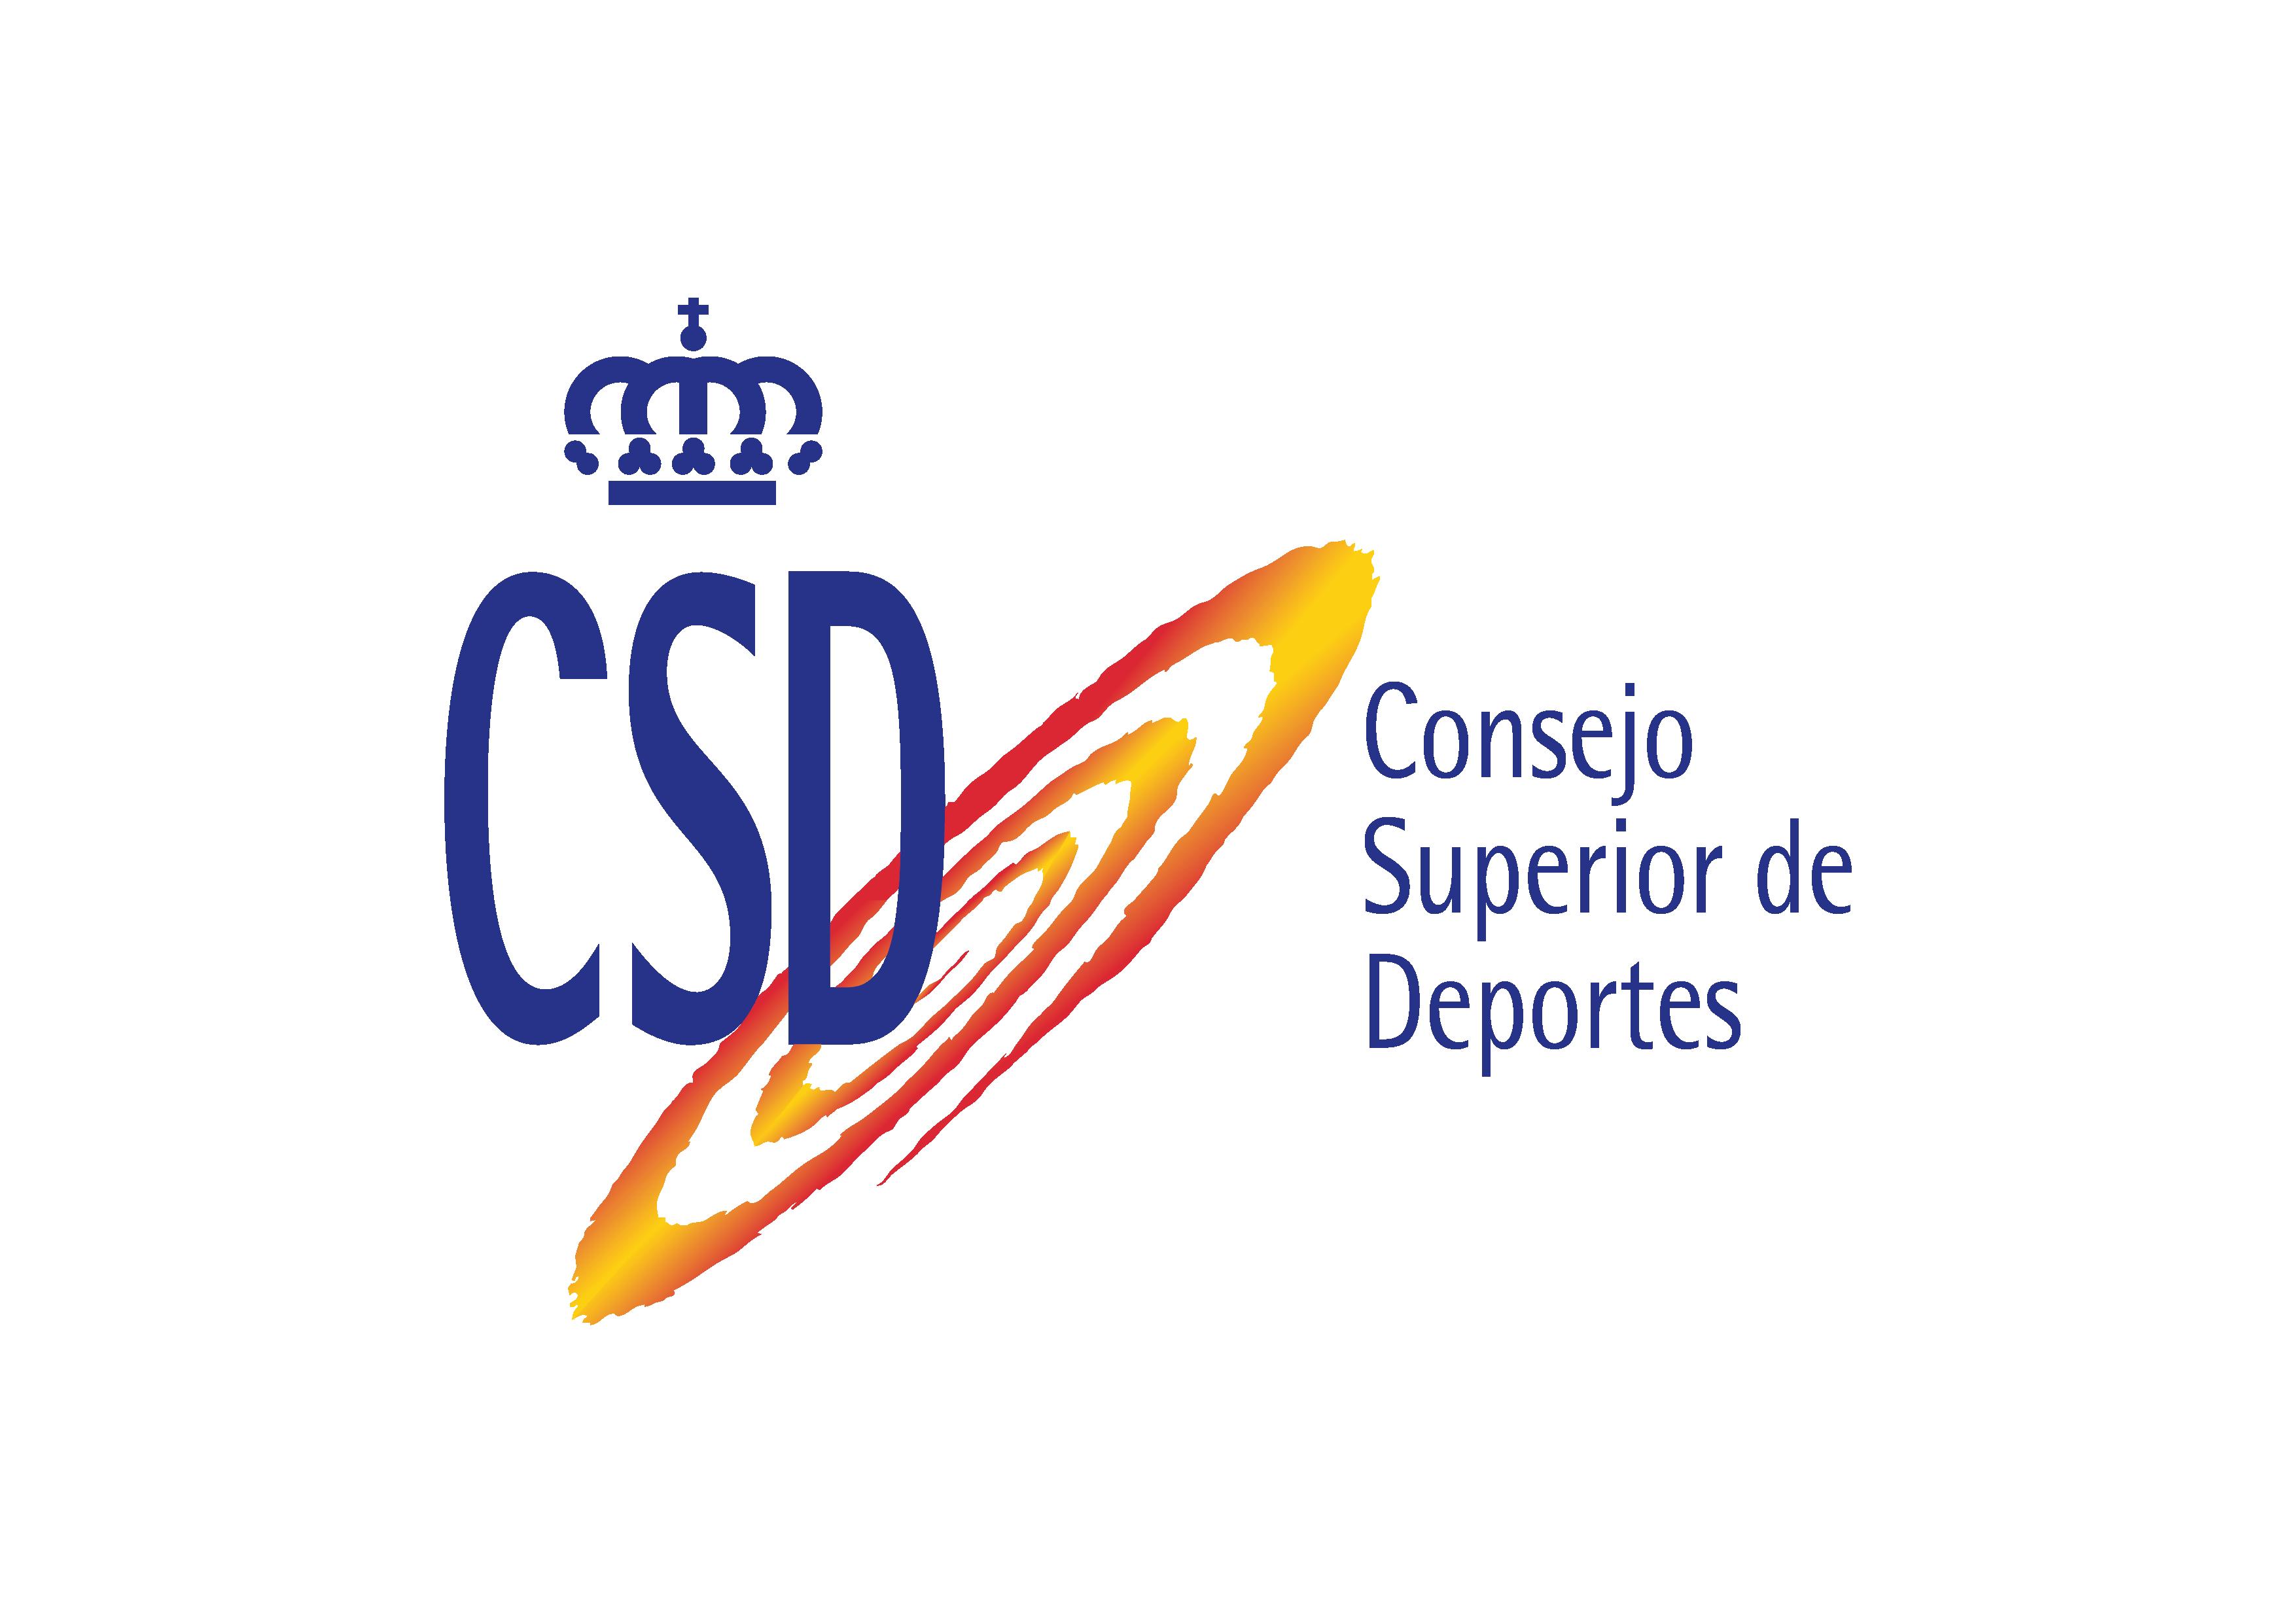 Consejo Superior de Deportes